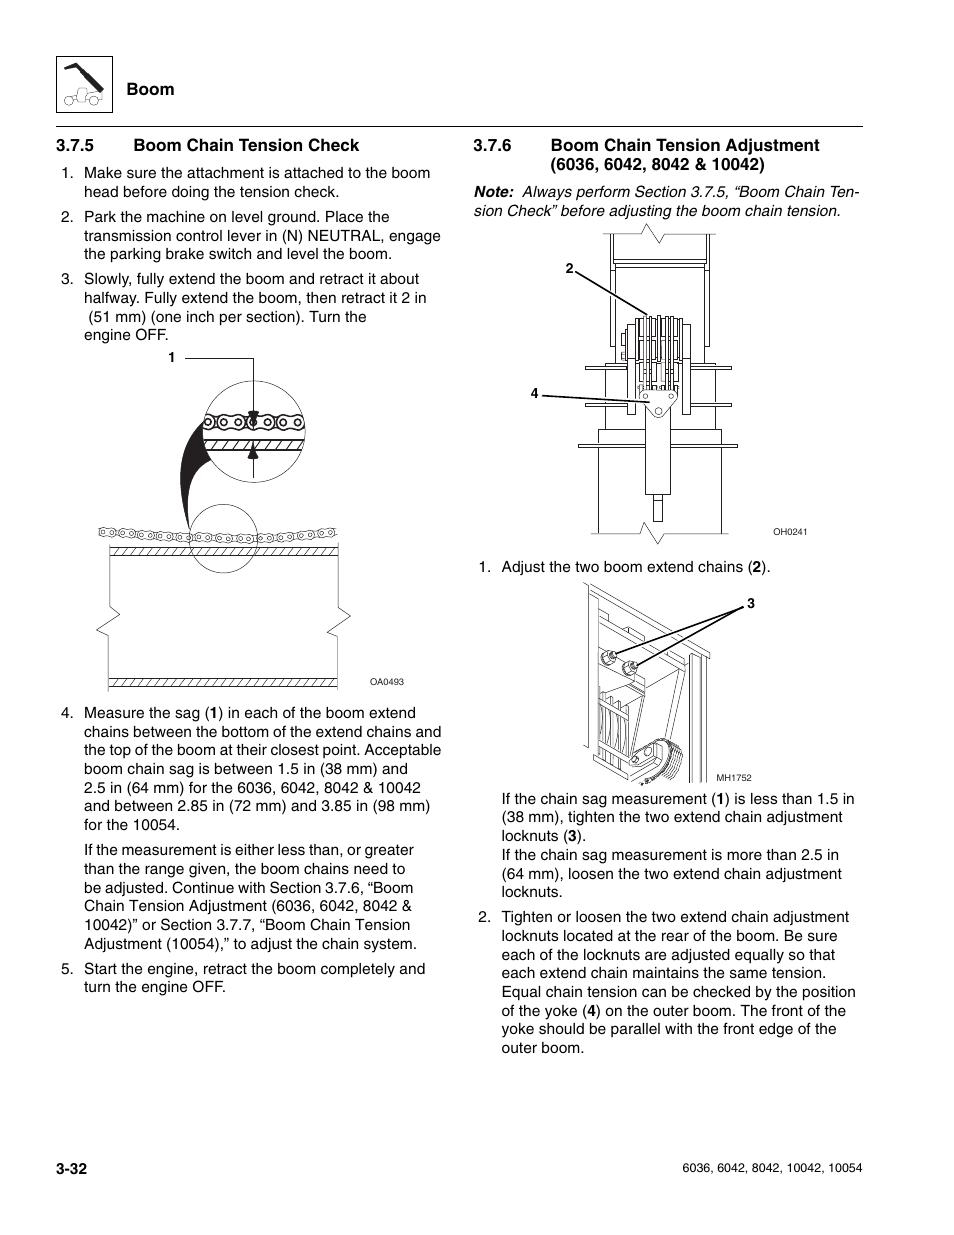 medium resolution of boom chain diagram wiring diagram schematics boom to tighten chain chains boom chain diagram